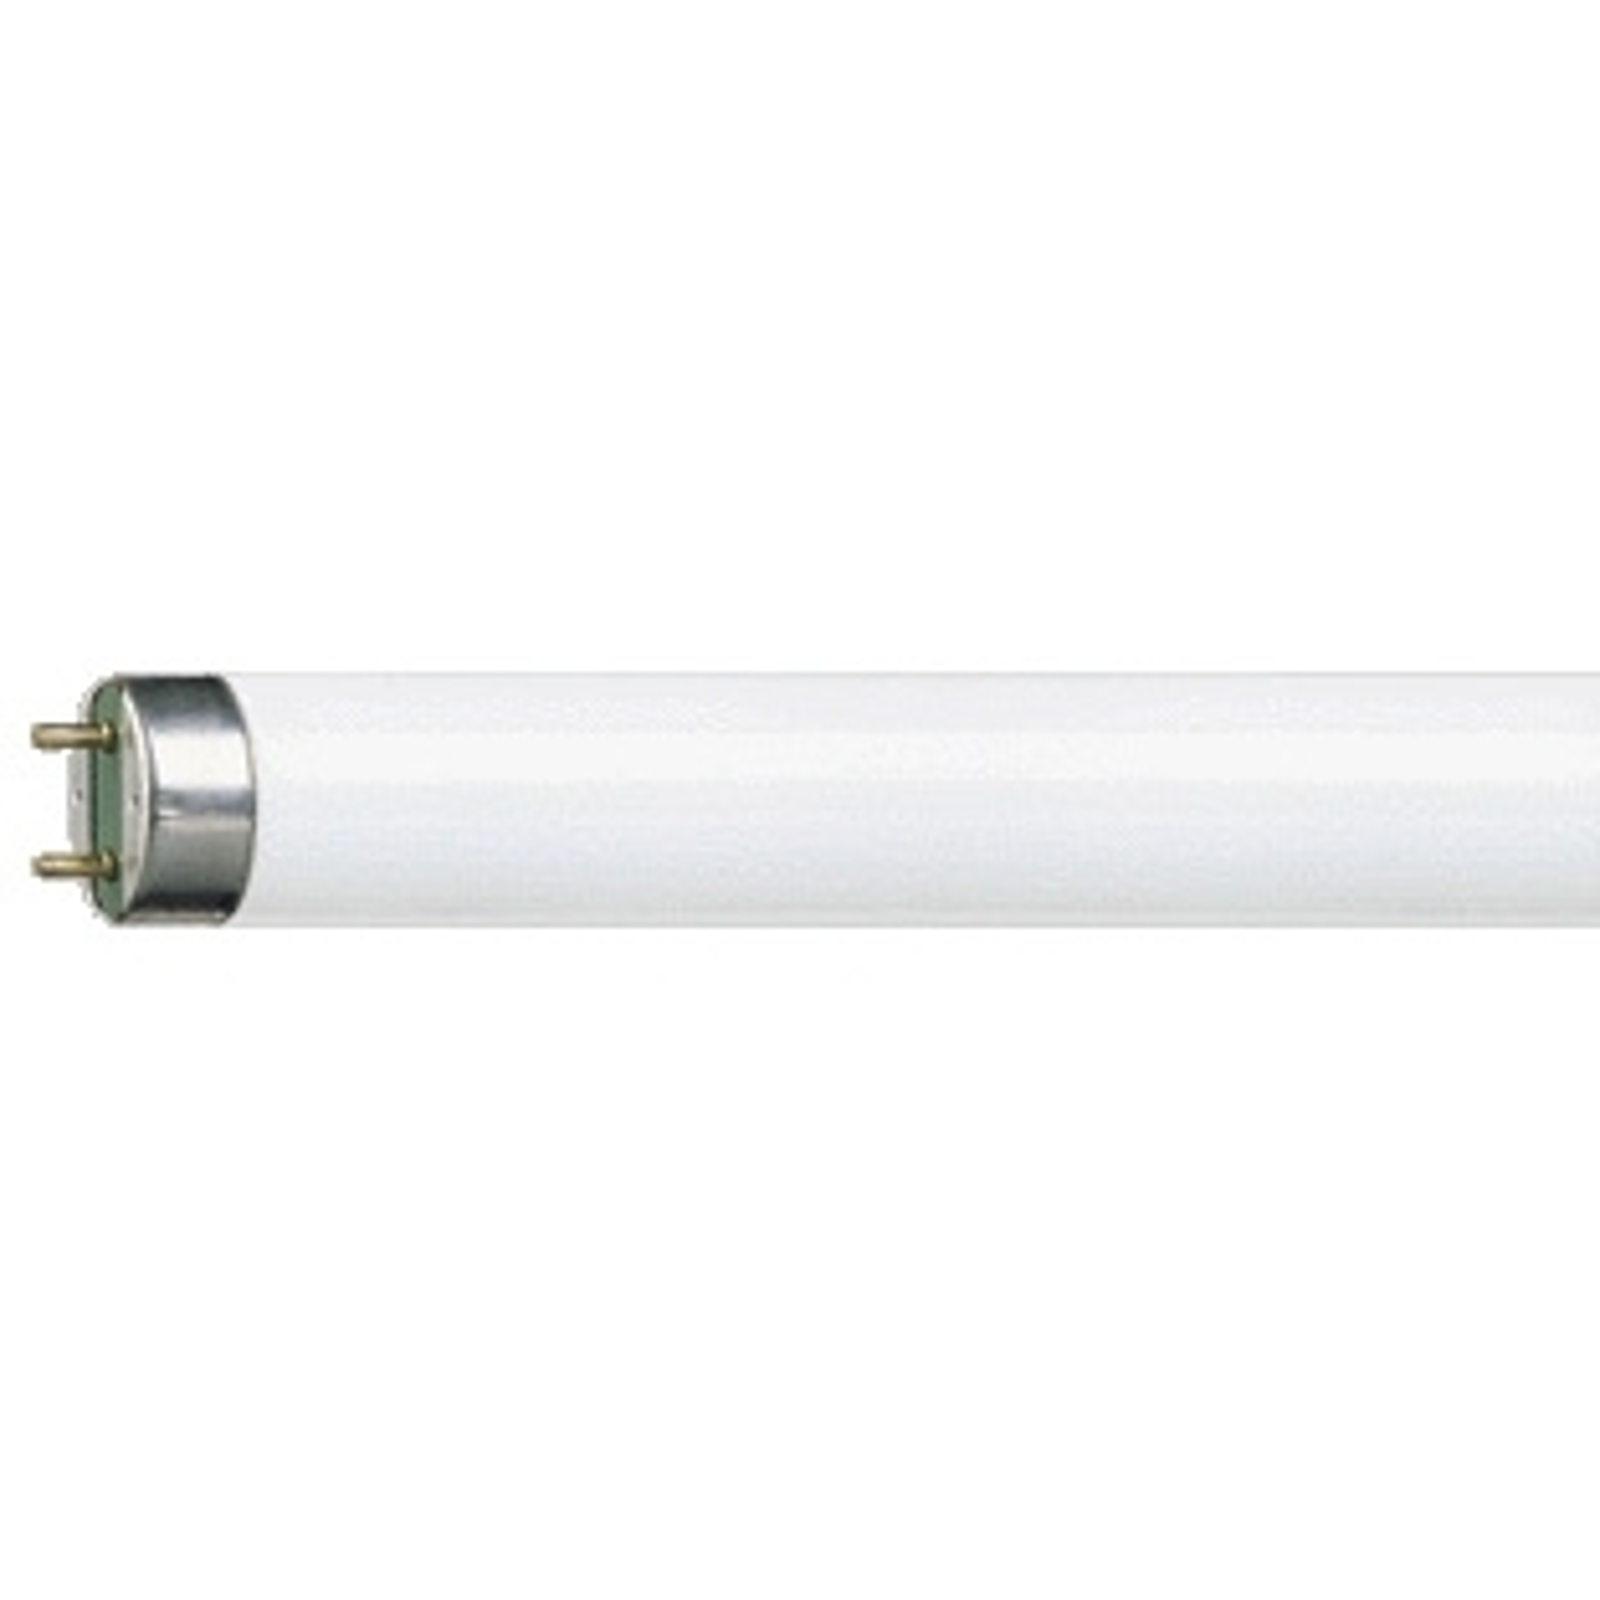 Leuchtstoffröhre G13 T8 15W MASTER TL-D Super 827